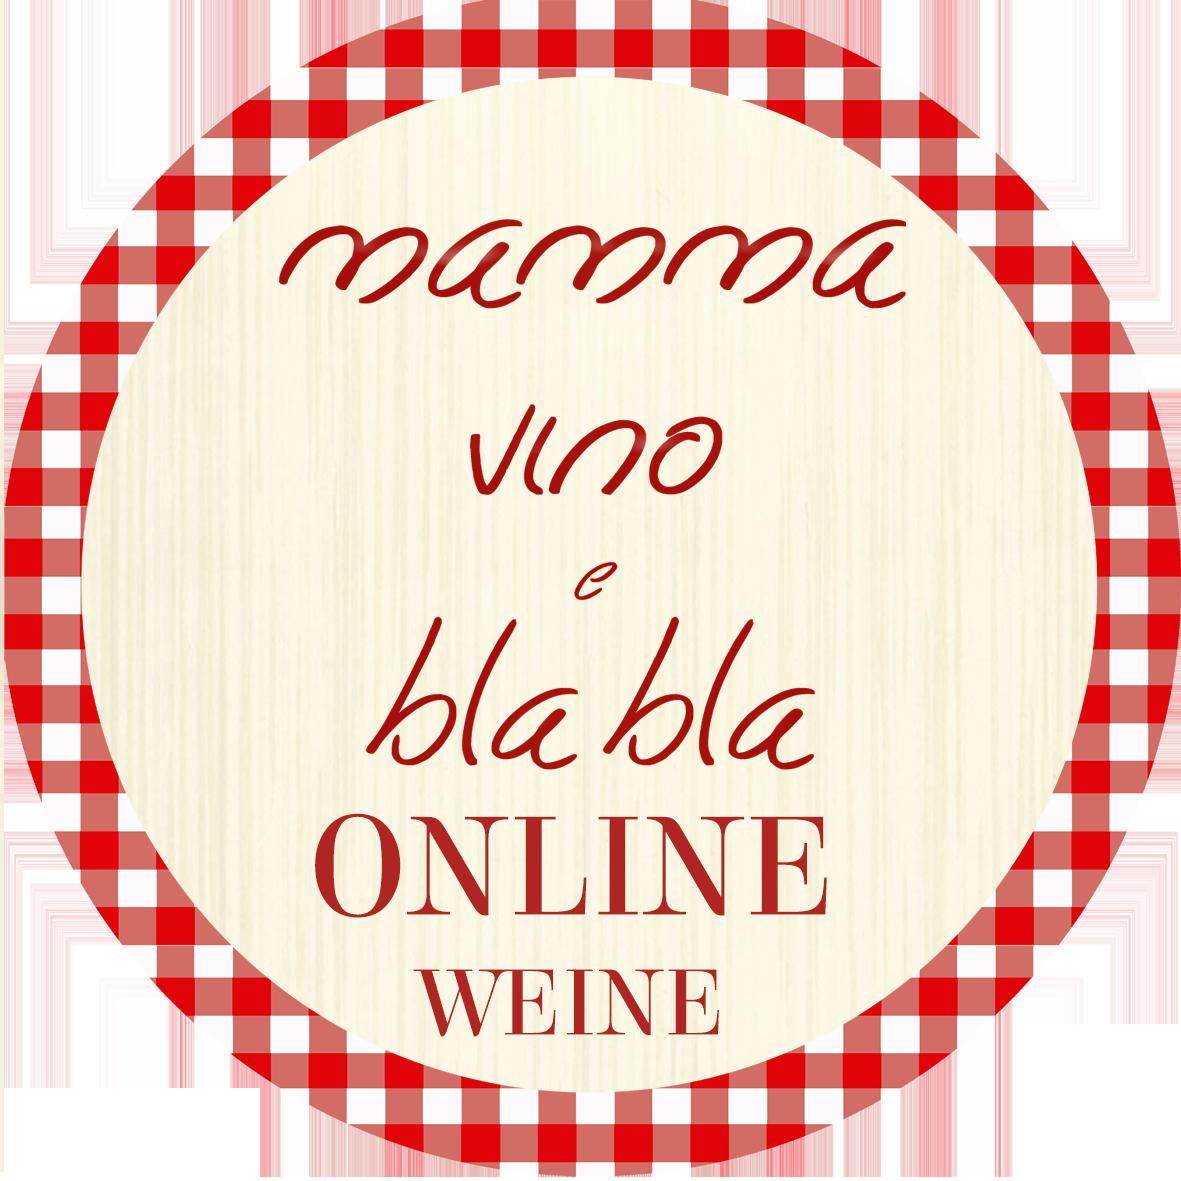 MVBB Online Weine 16.01.2021